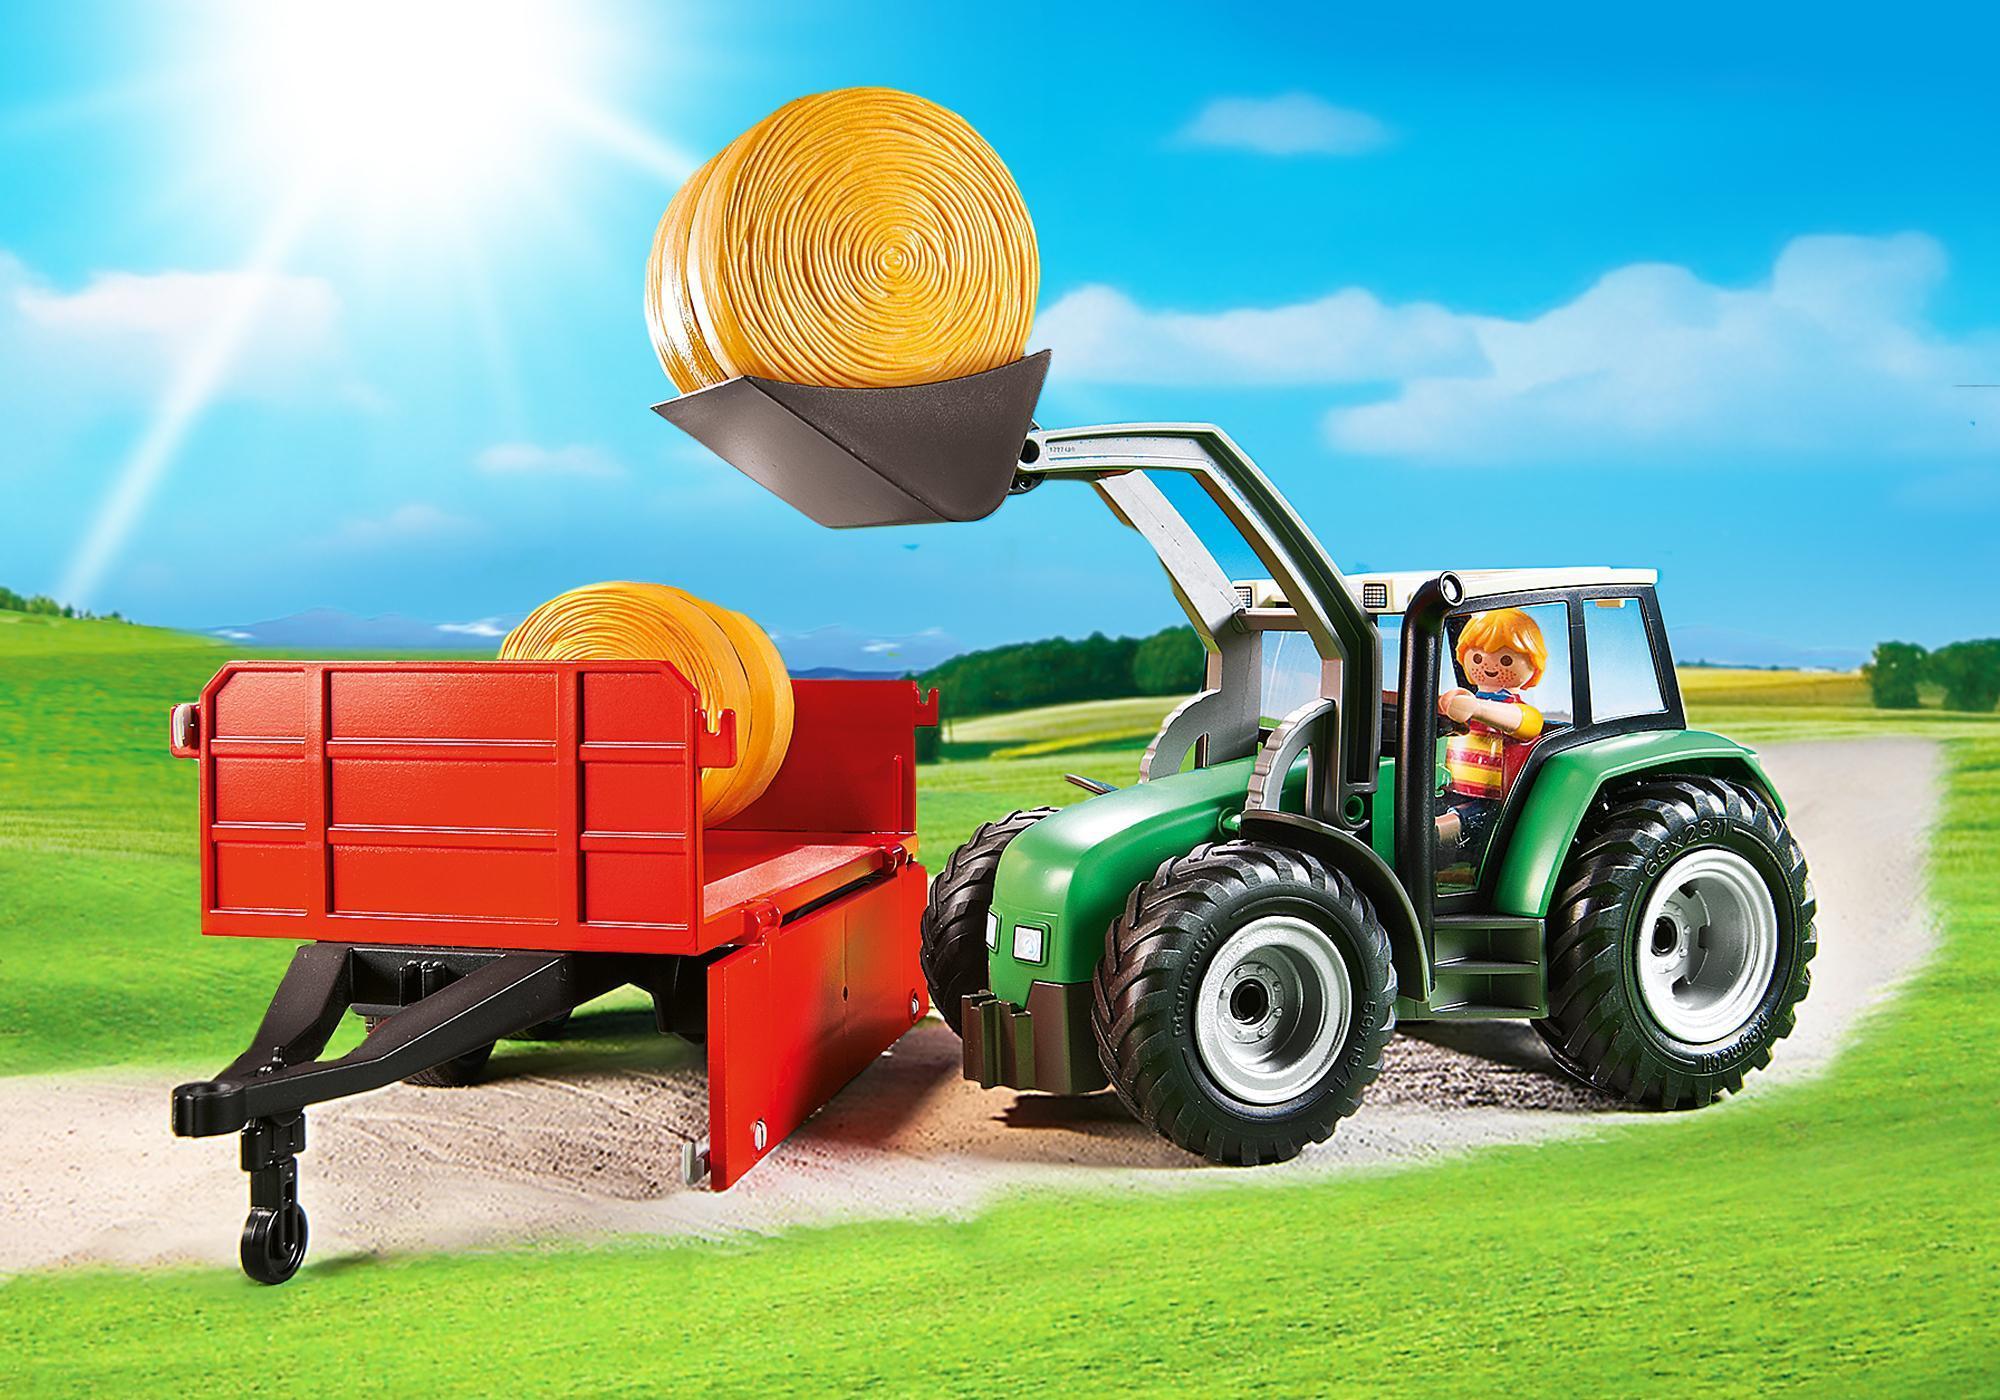 http://media.playmobil.com/i/playmobil/6130_product_extra3/Duży traktor z przyczepą